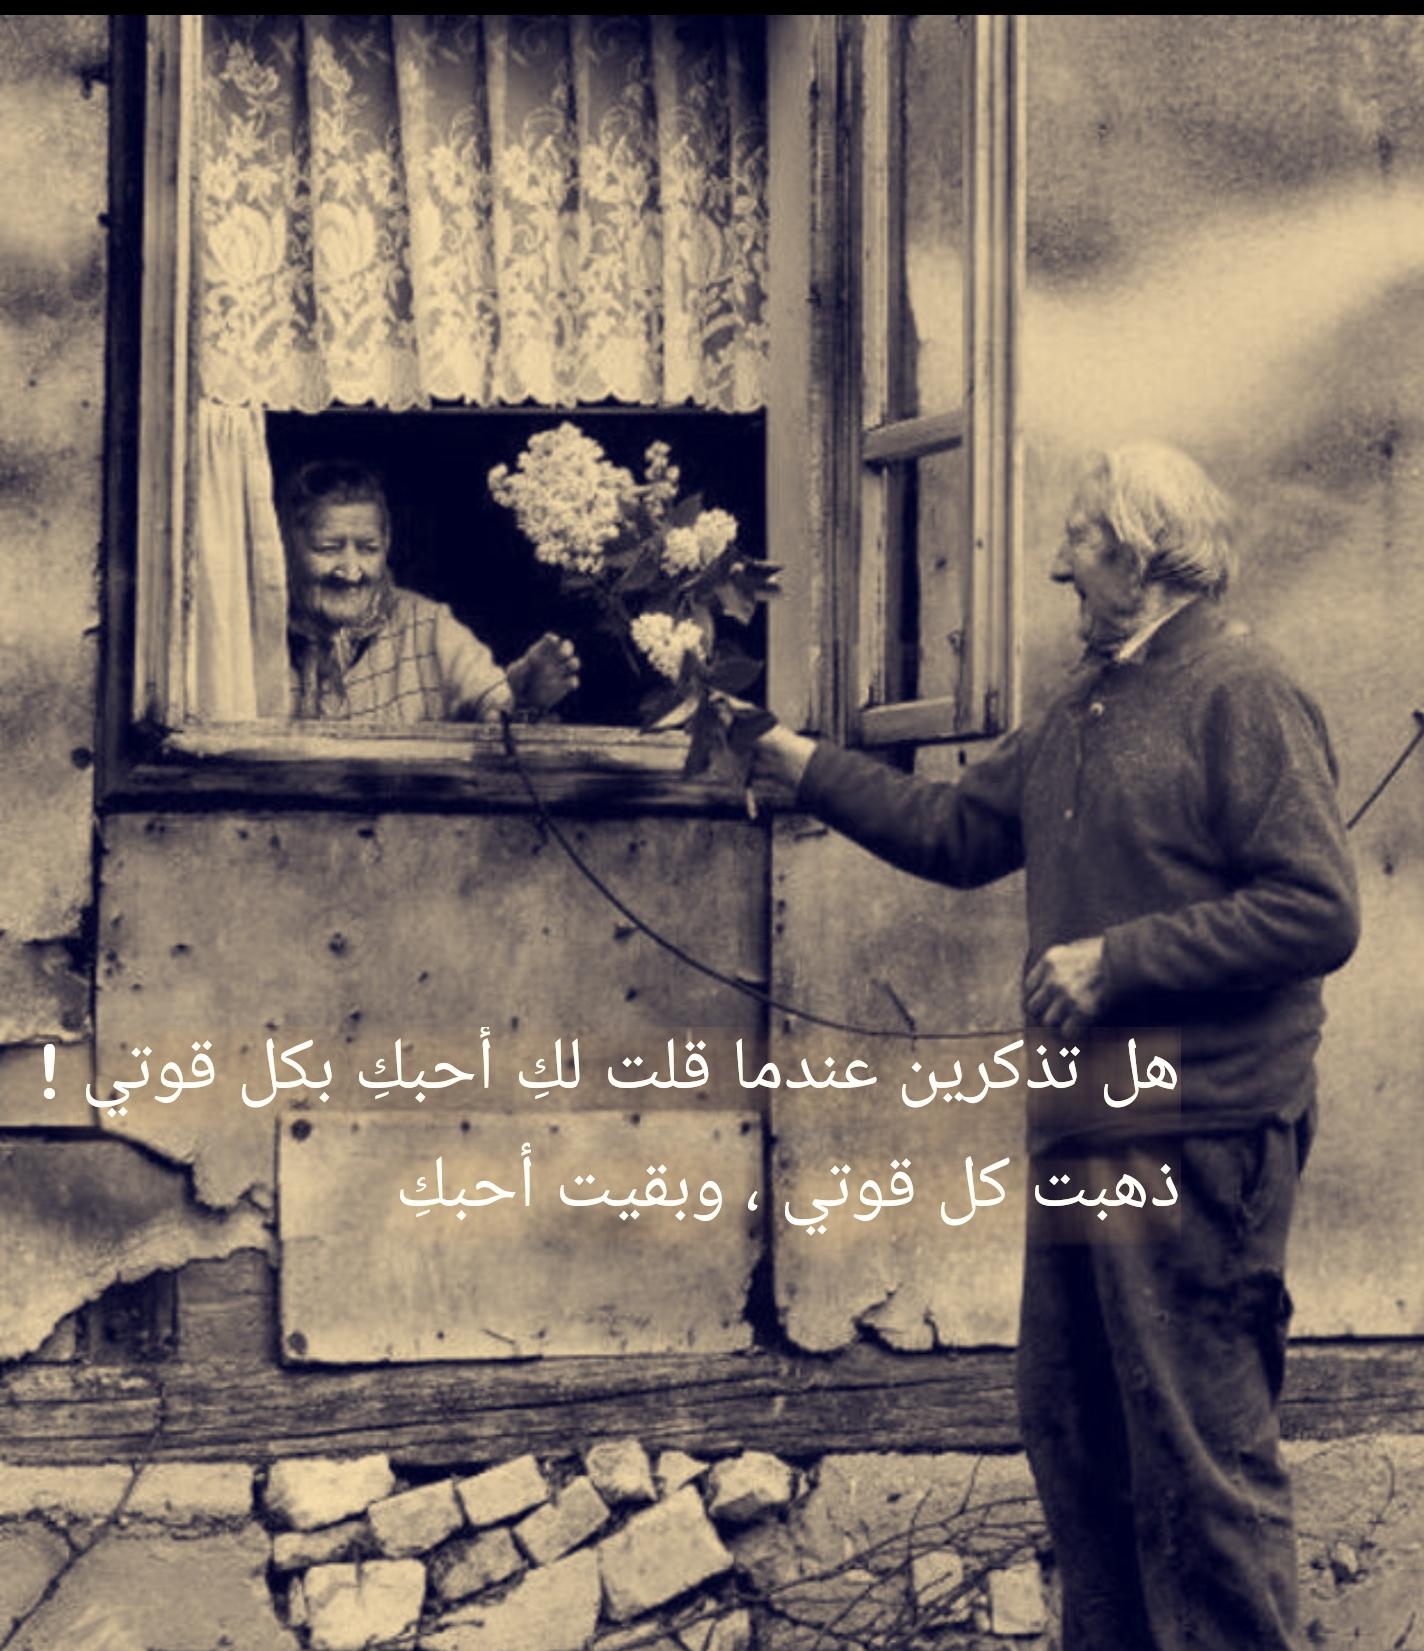 هل تذكرين عندما قلت لكِ أحبكِ بكل قوتي ذهبت كل قوتي وبقيت أحبكِ